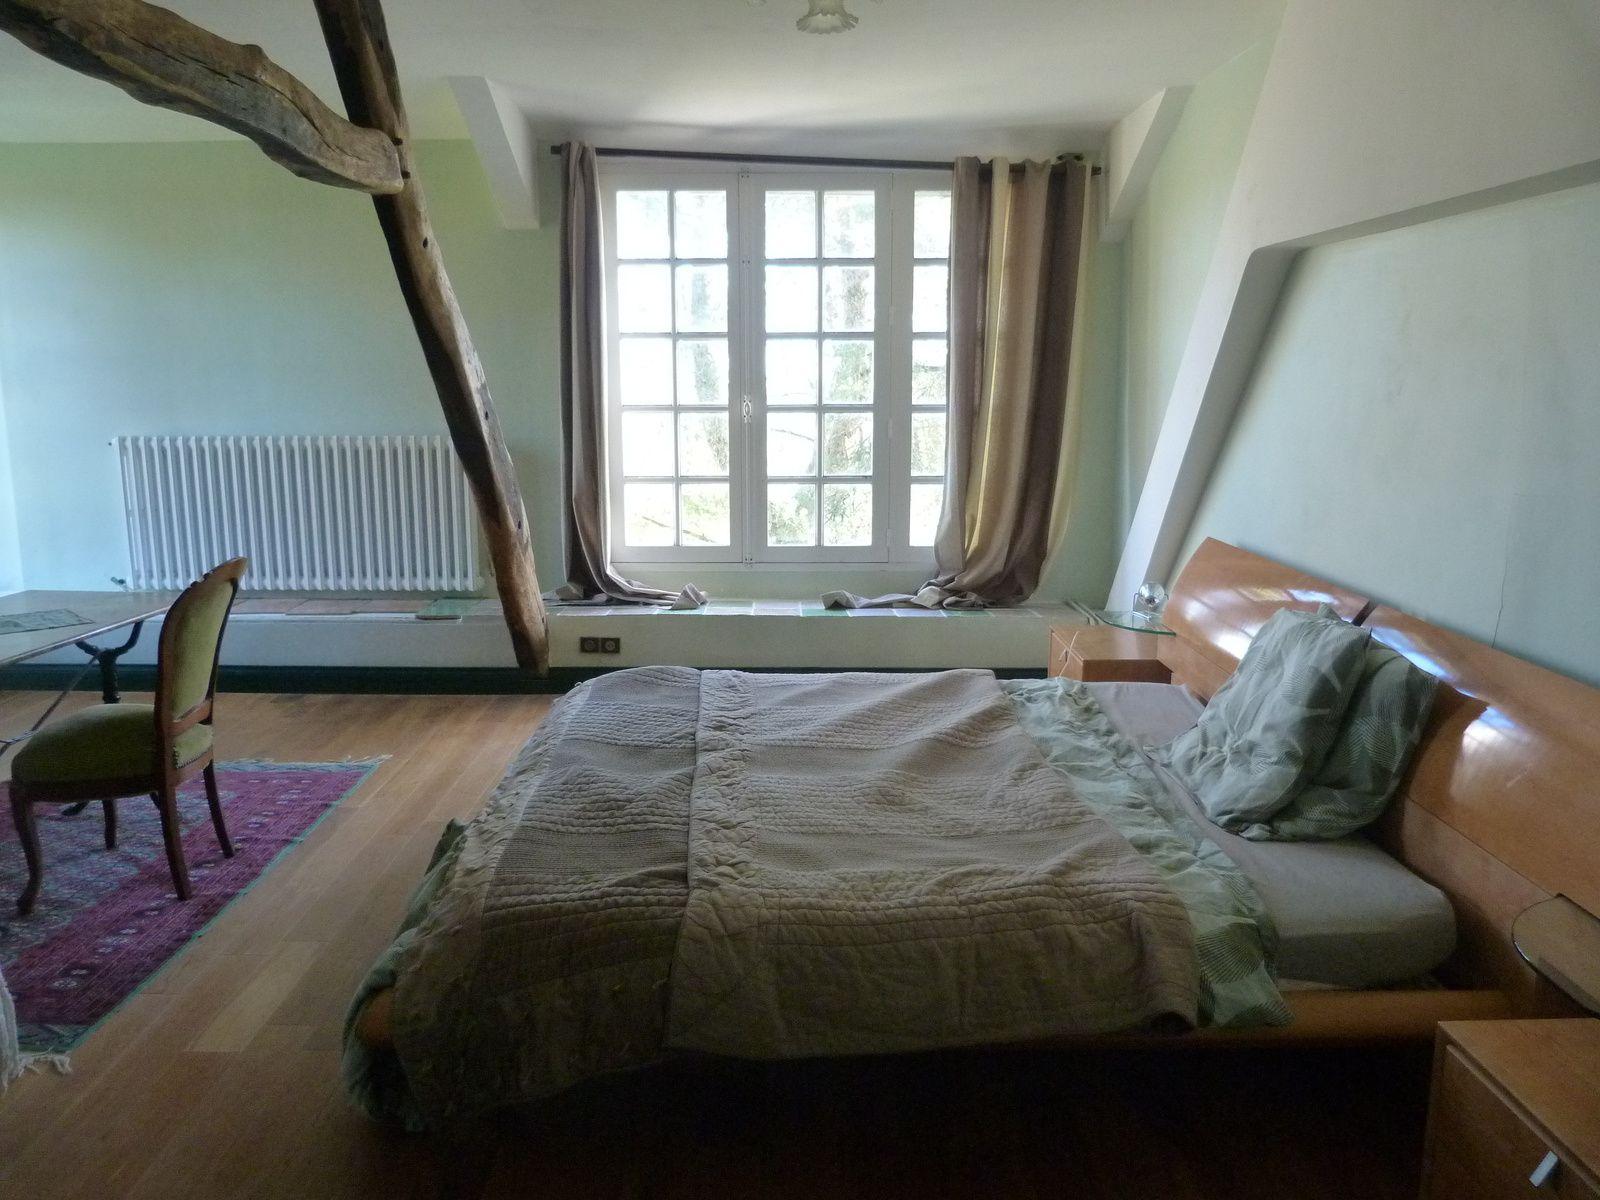 Kris Darquis © Les autres chambres ont été rénovées dans un style moderne et confortable. Beaucoup viennent au Manoir pour se ressourcer.